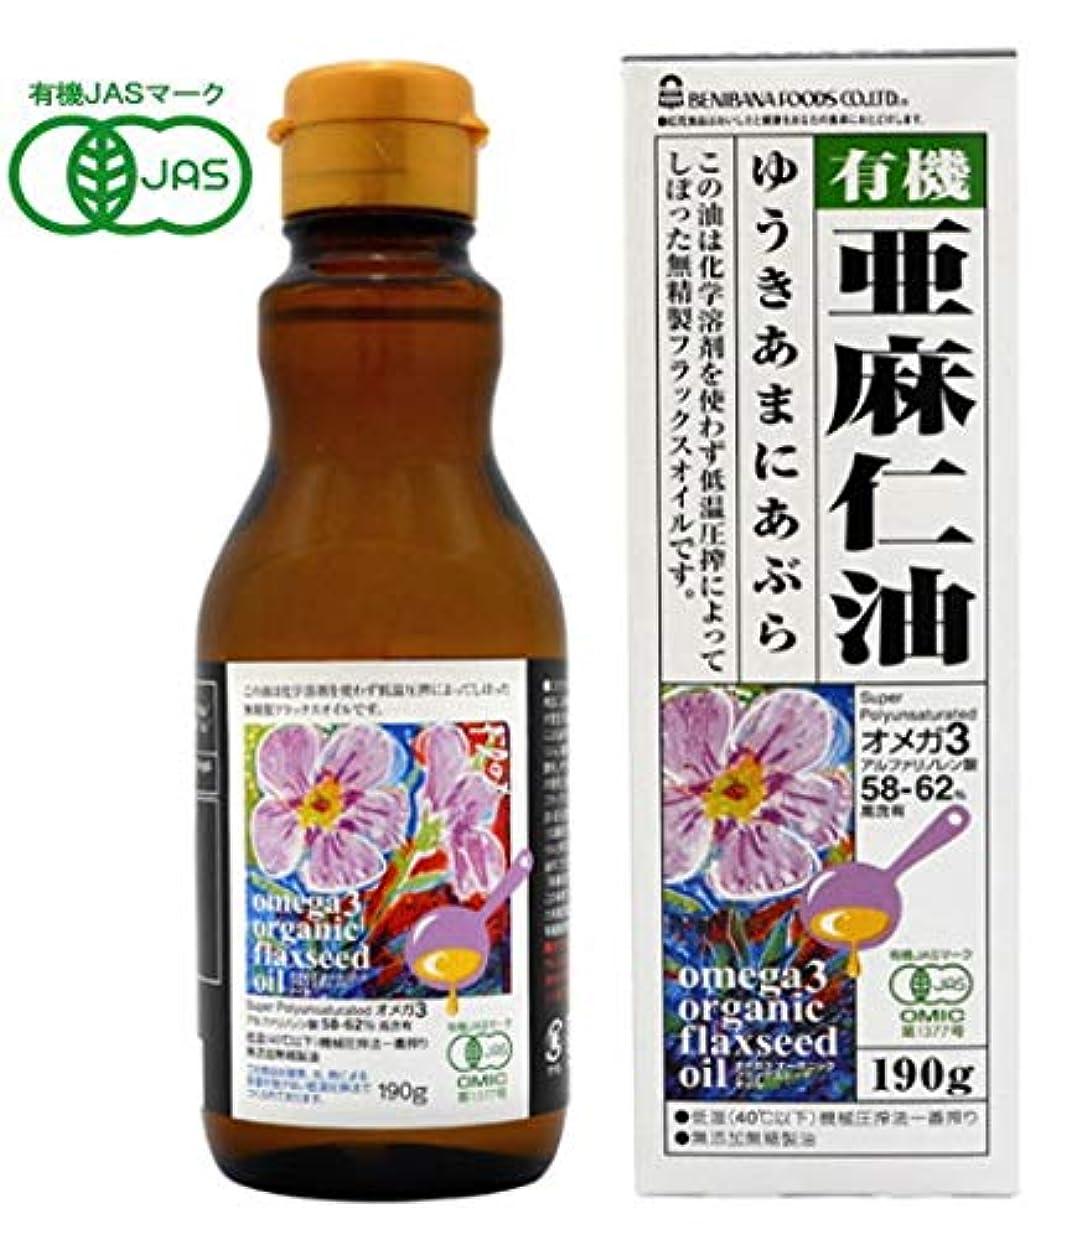 ライフル書士多用途紅花食品 オーガニックフラックスシードオイル(有機亜麻仁油) 190g×8本セット